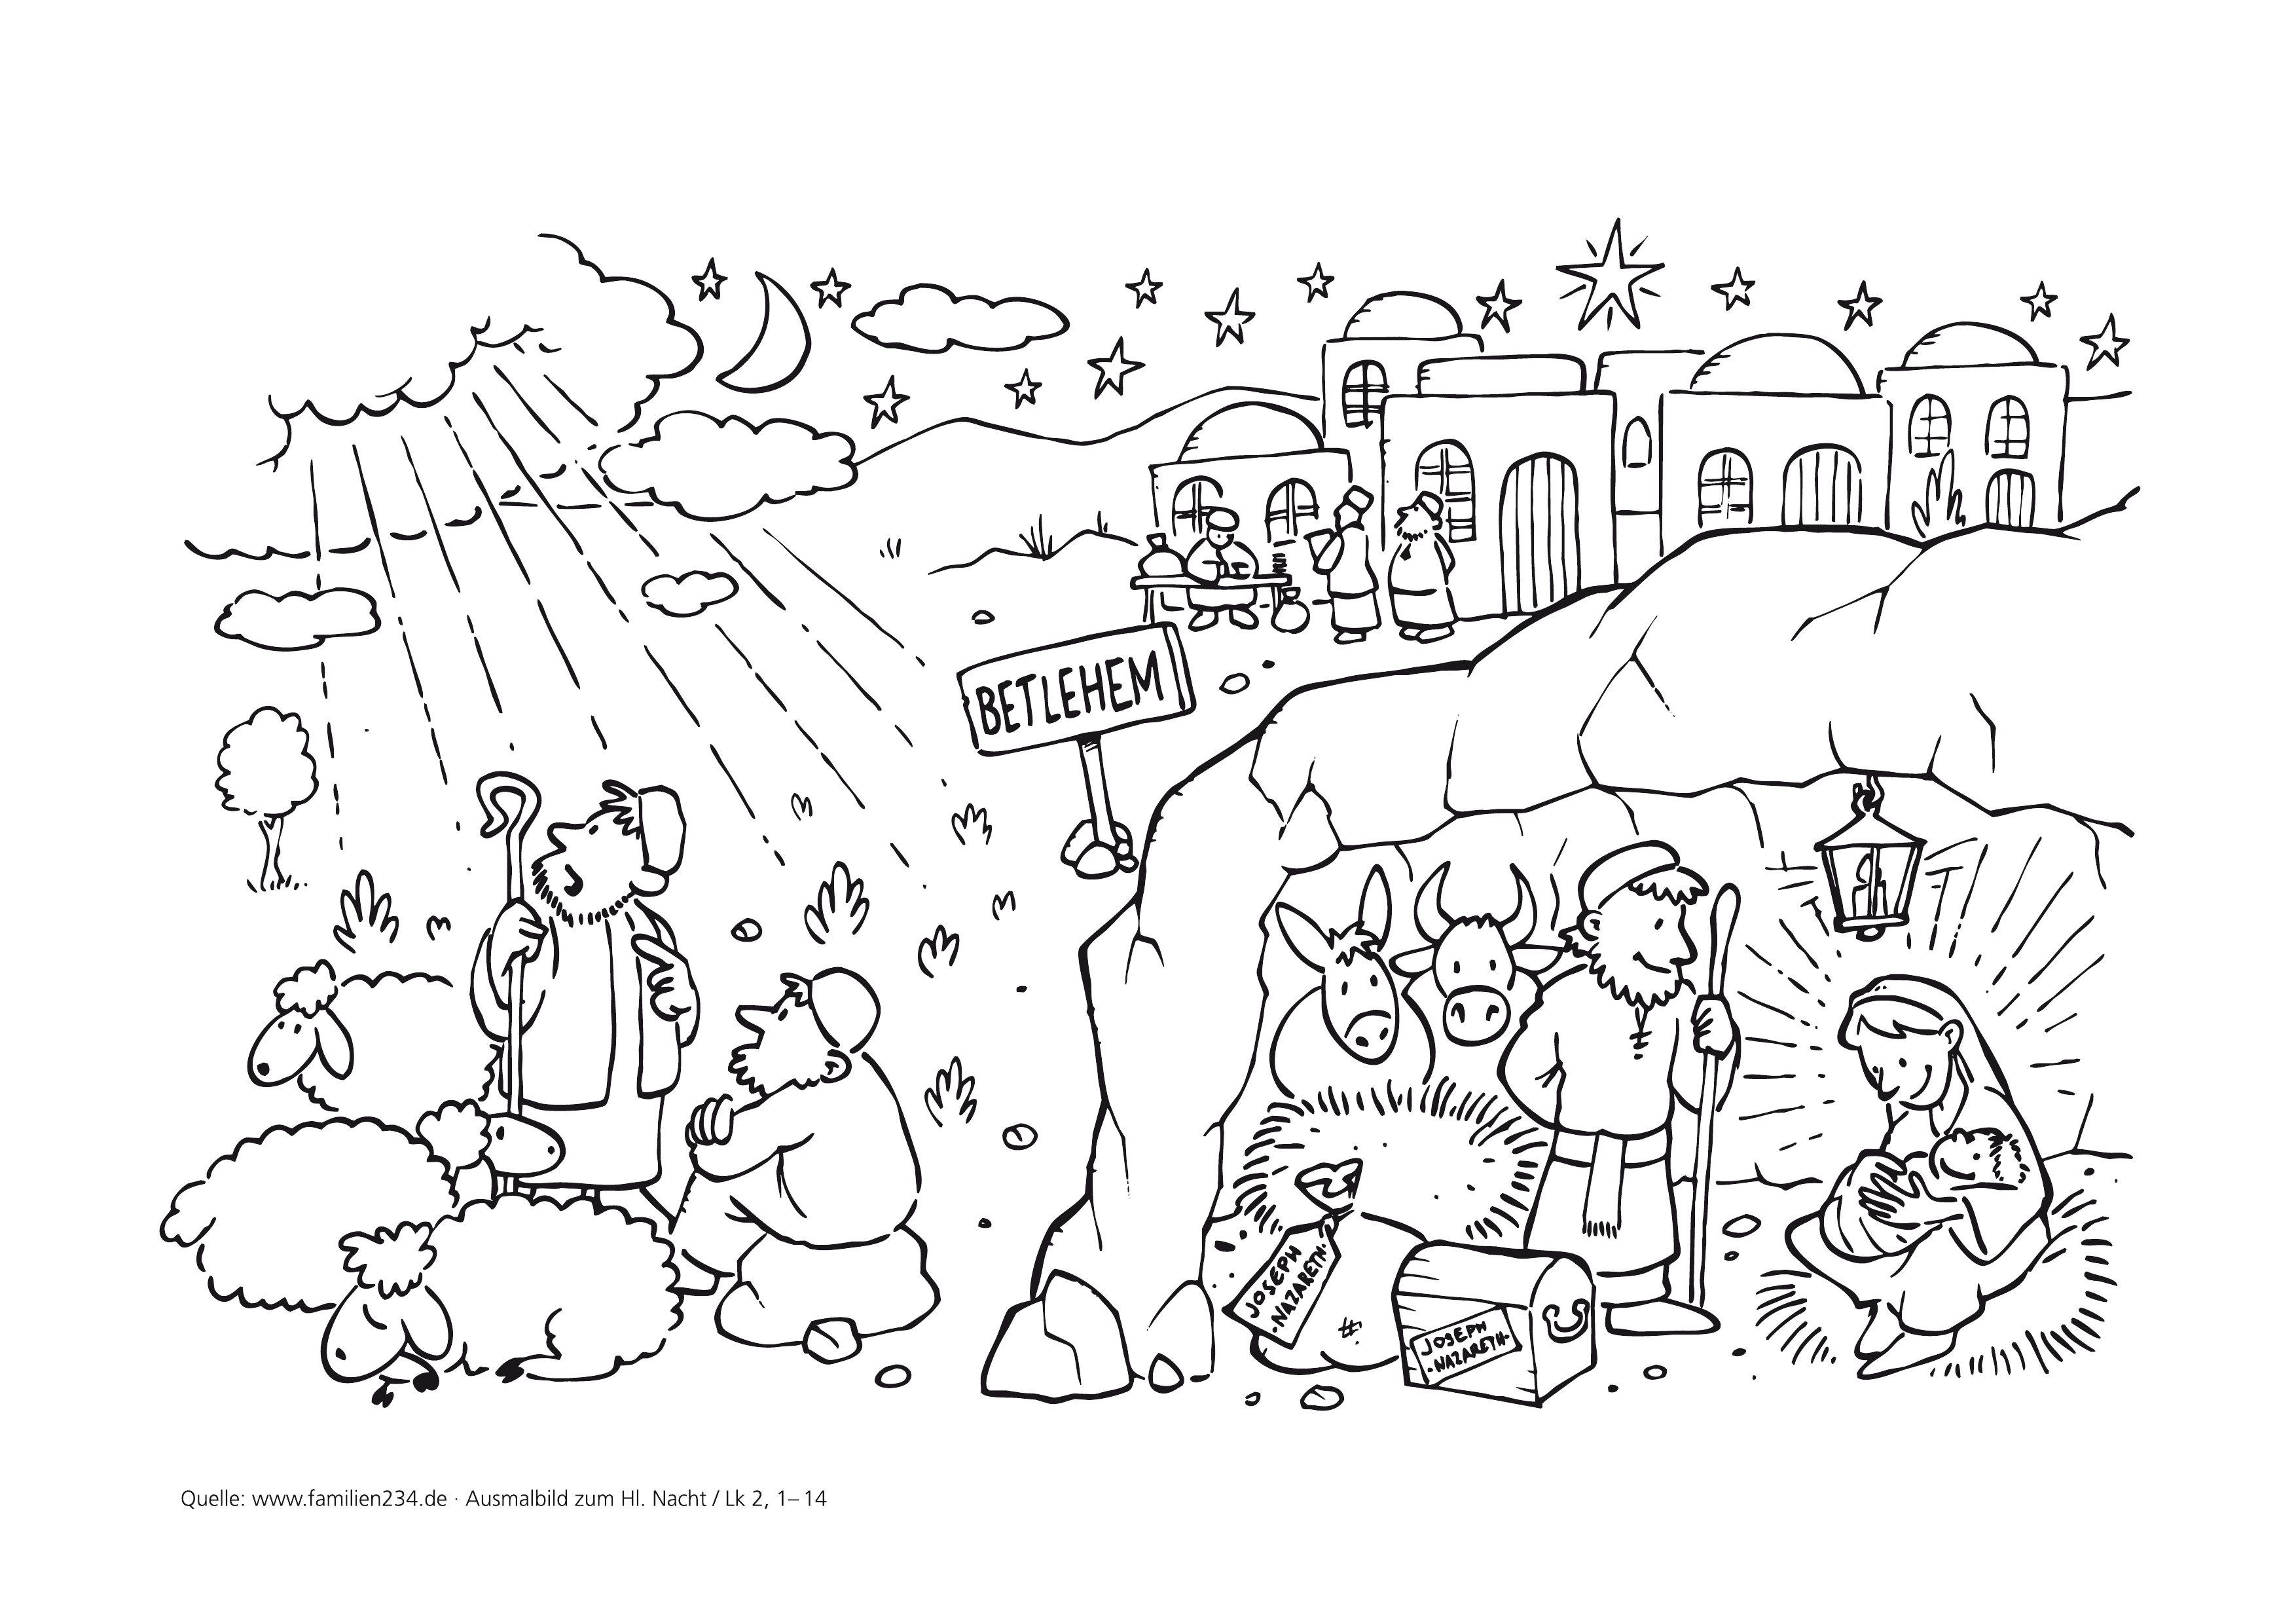 Ausmalbilder - Advent und Weihnachten - Pfarreiengemeinschaft ...